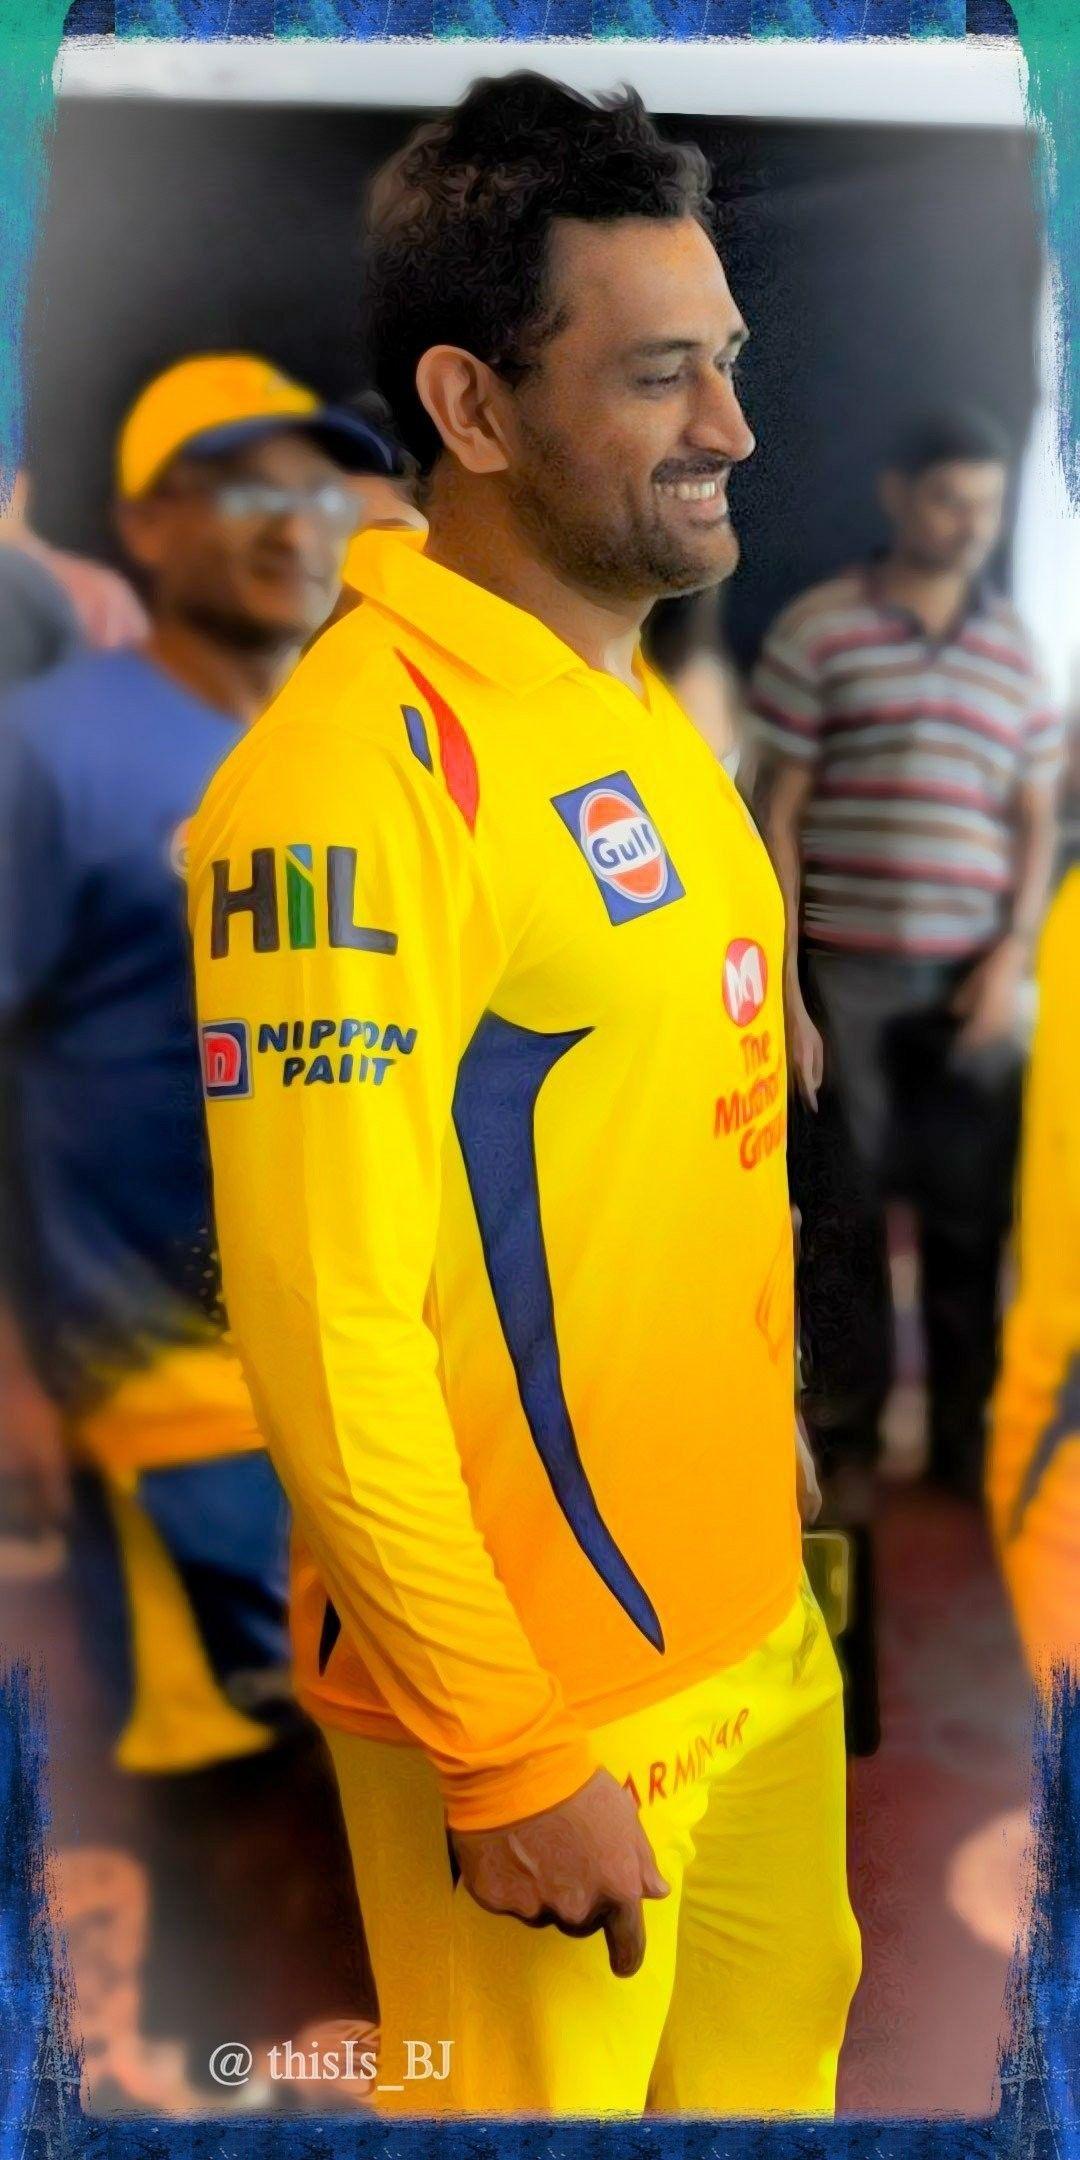 90c63796e Dhoni csk | Cricket #India #IPL #Srilanka #WCC | Dhoni wallpapers ...